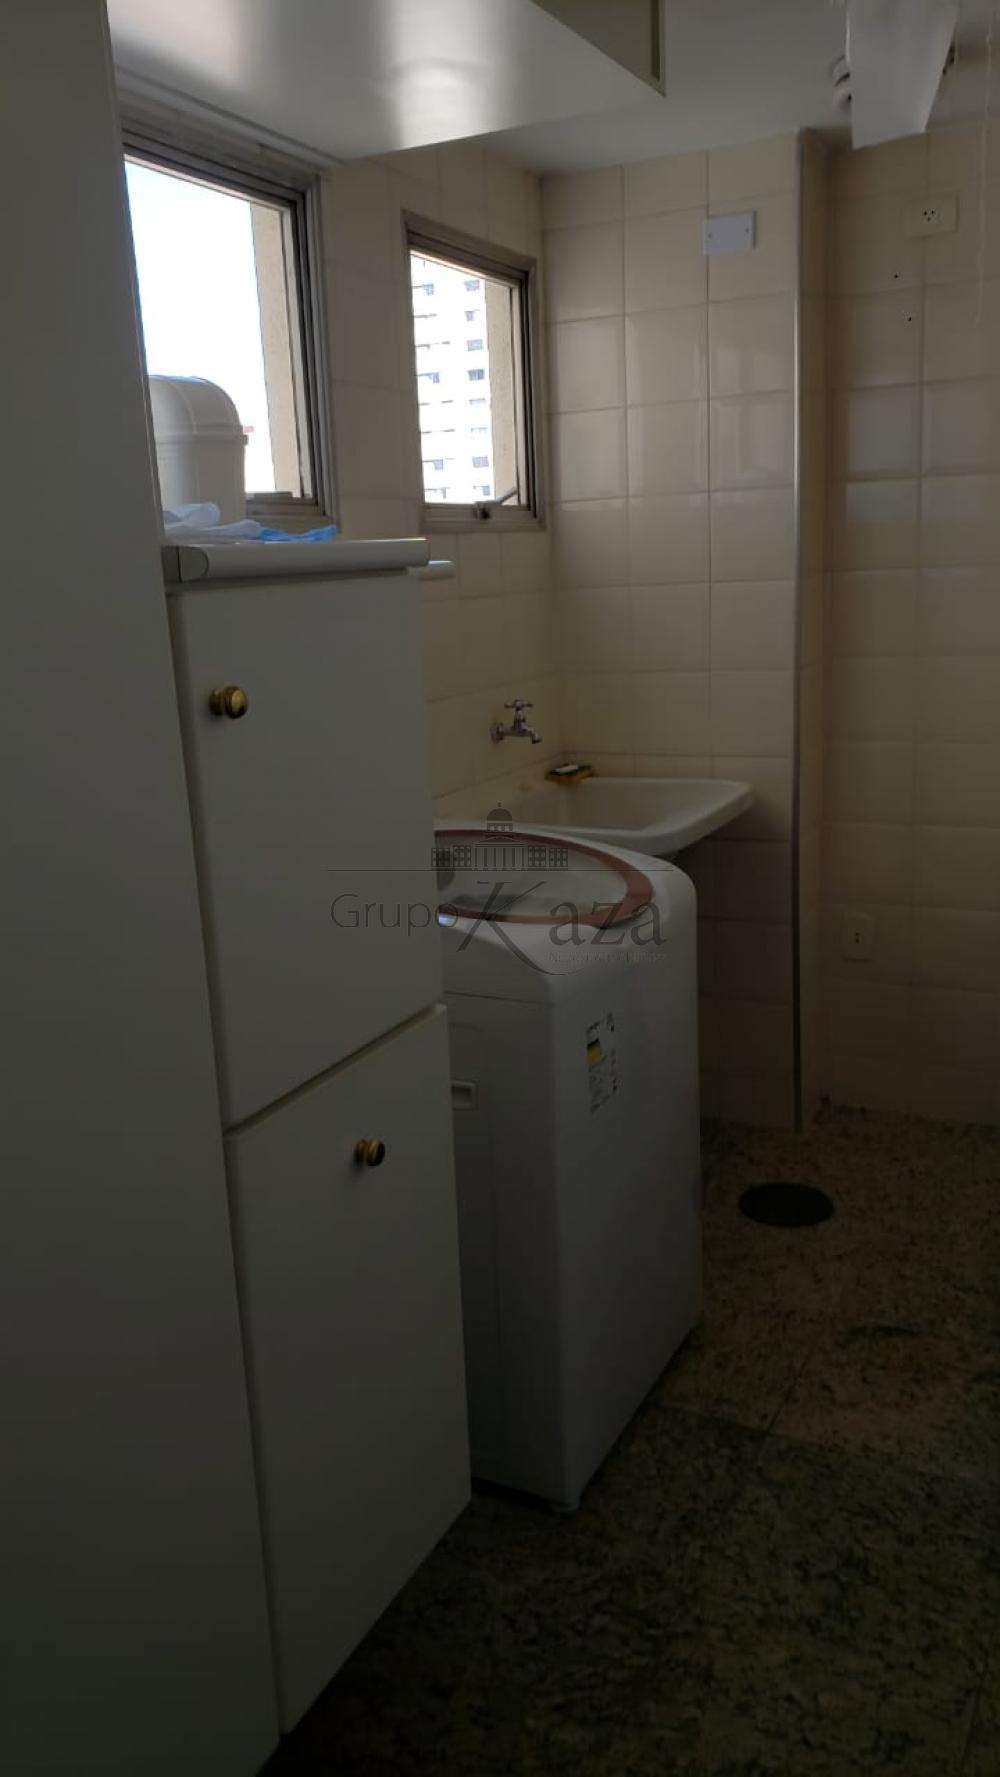 Alugar Apartamento / Padrão em São José dos Campos R$ 1.944,00 - Foto 8